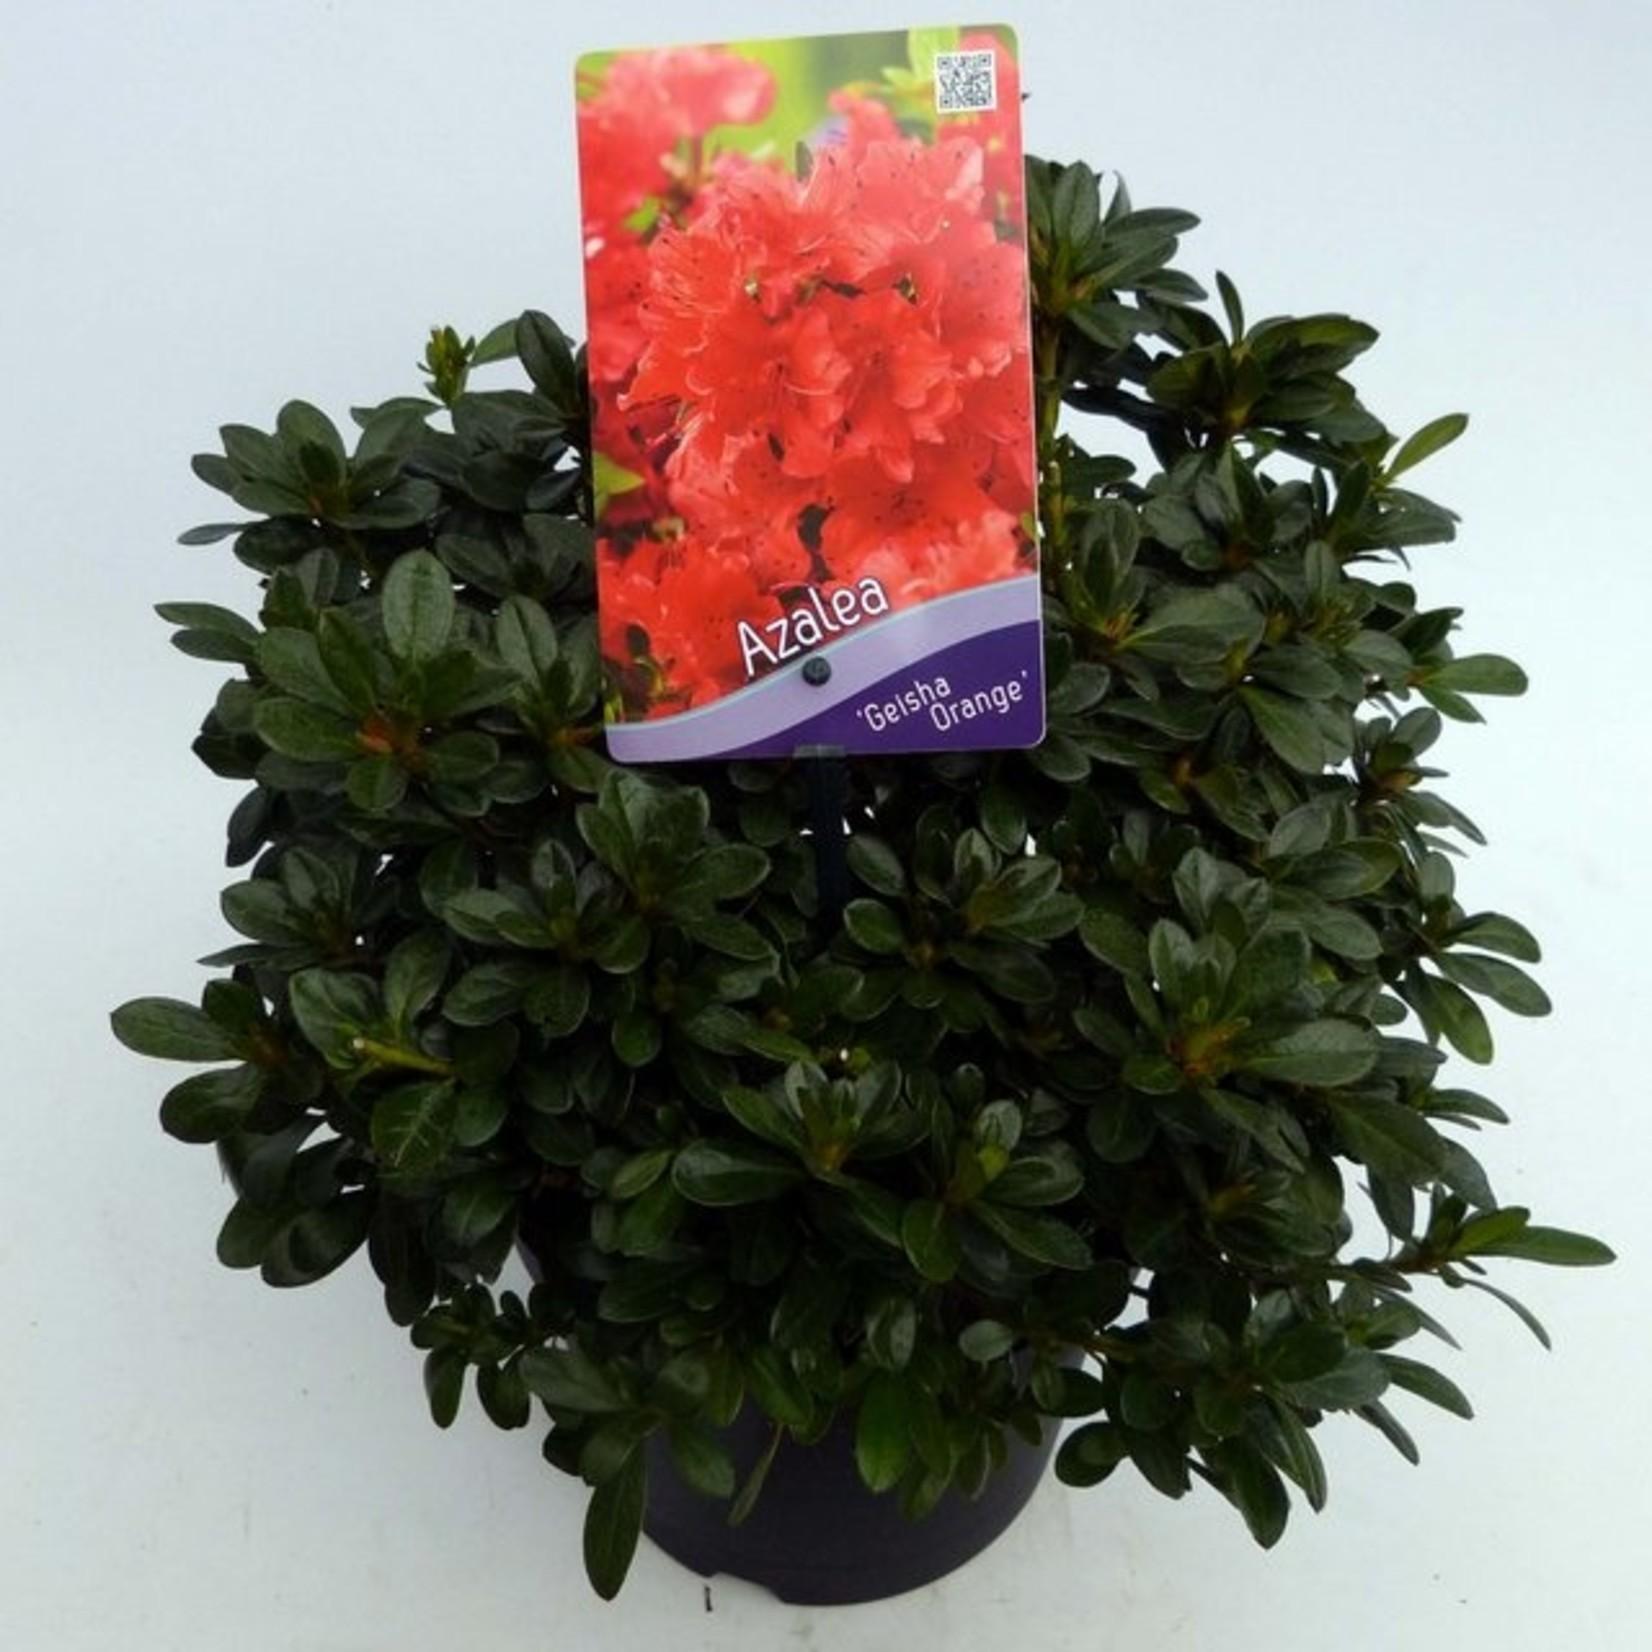 Rhododendron 'Geisha Orange'